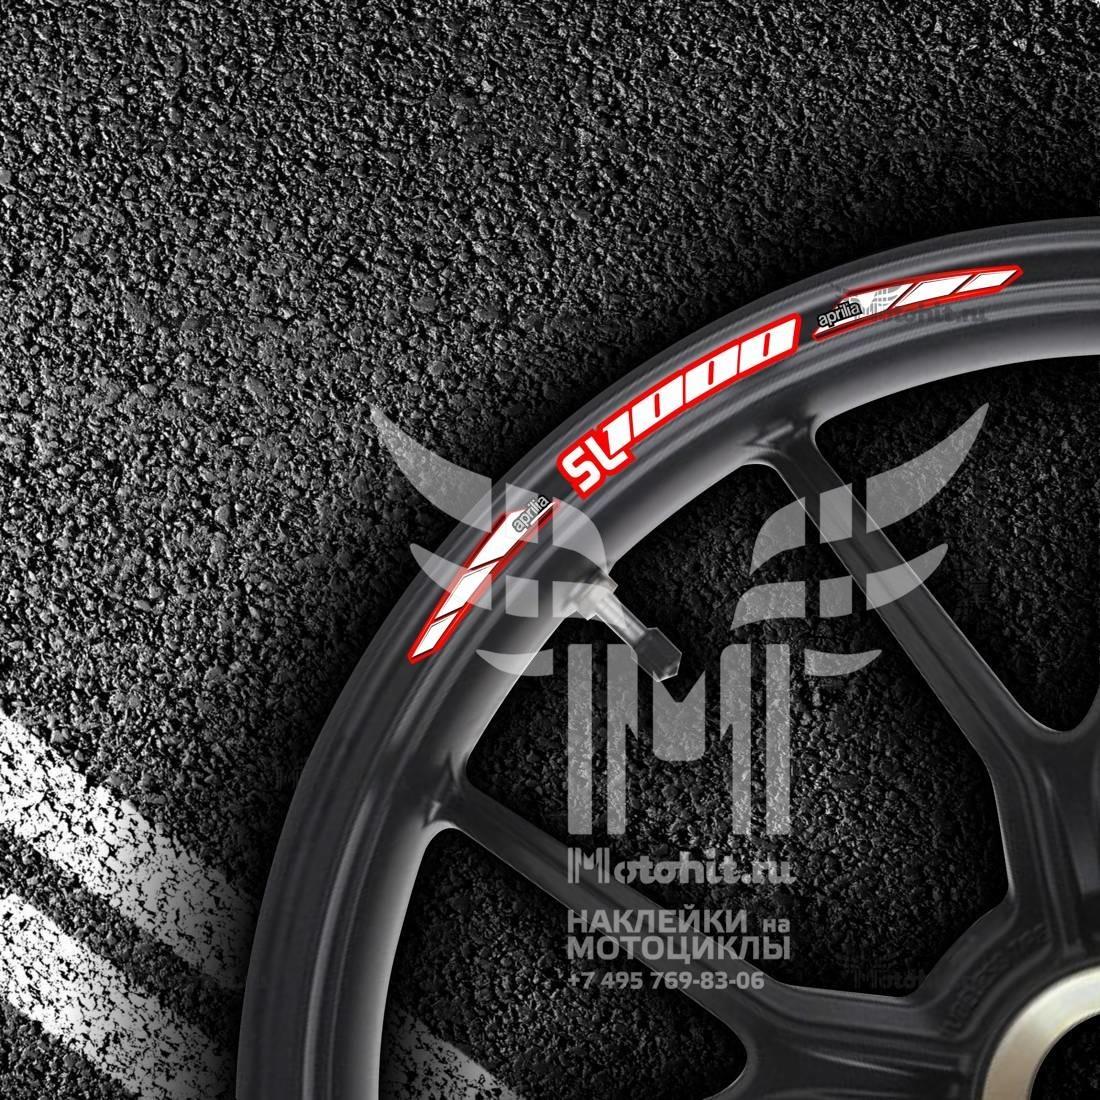 Комплект наклеек на обод колеса мотоцикла APRILIA SL-1000